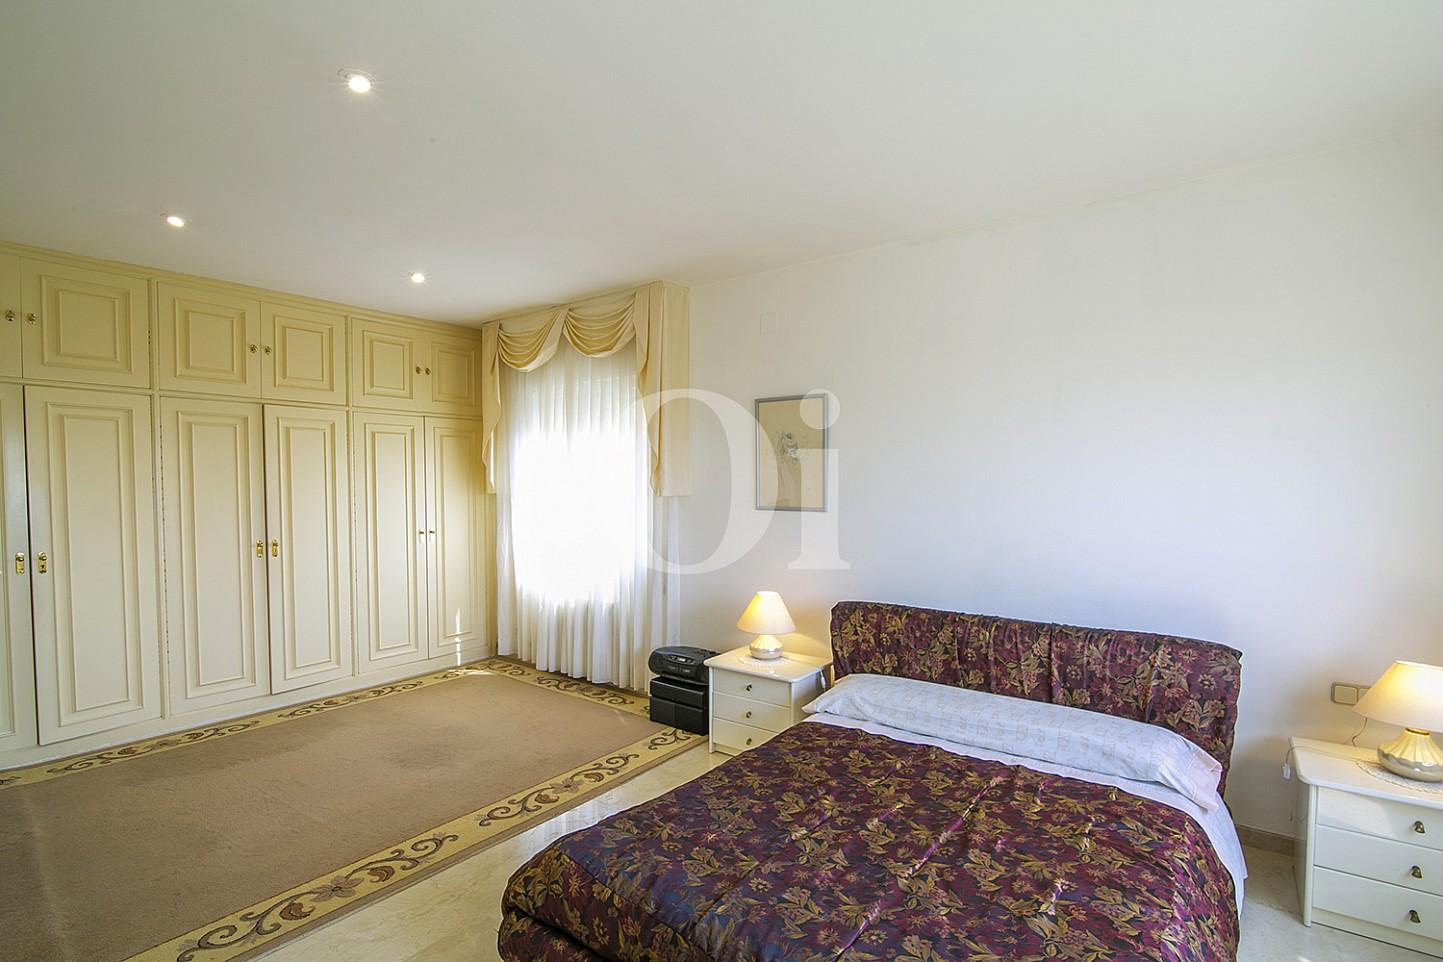 Спальня с личной ванной комнатой эксклюзивного жилья на Mas Ram в Бадалоне